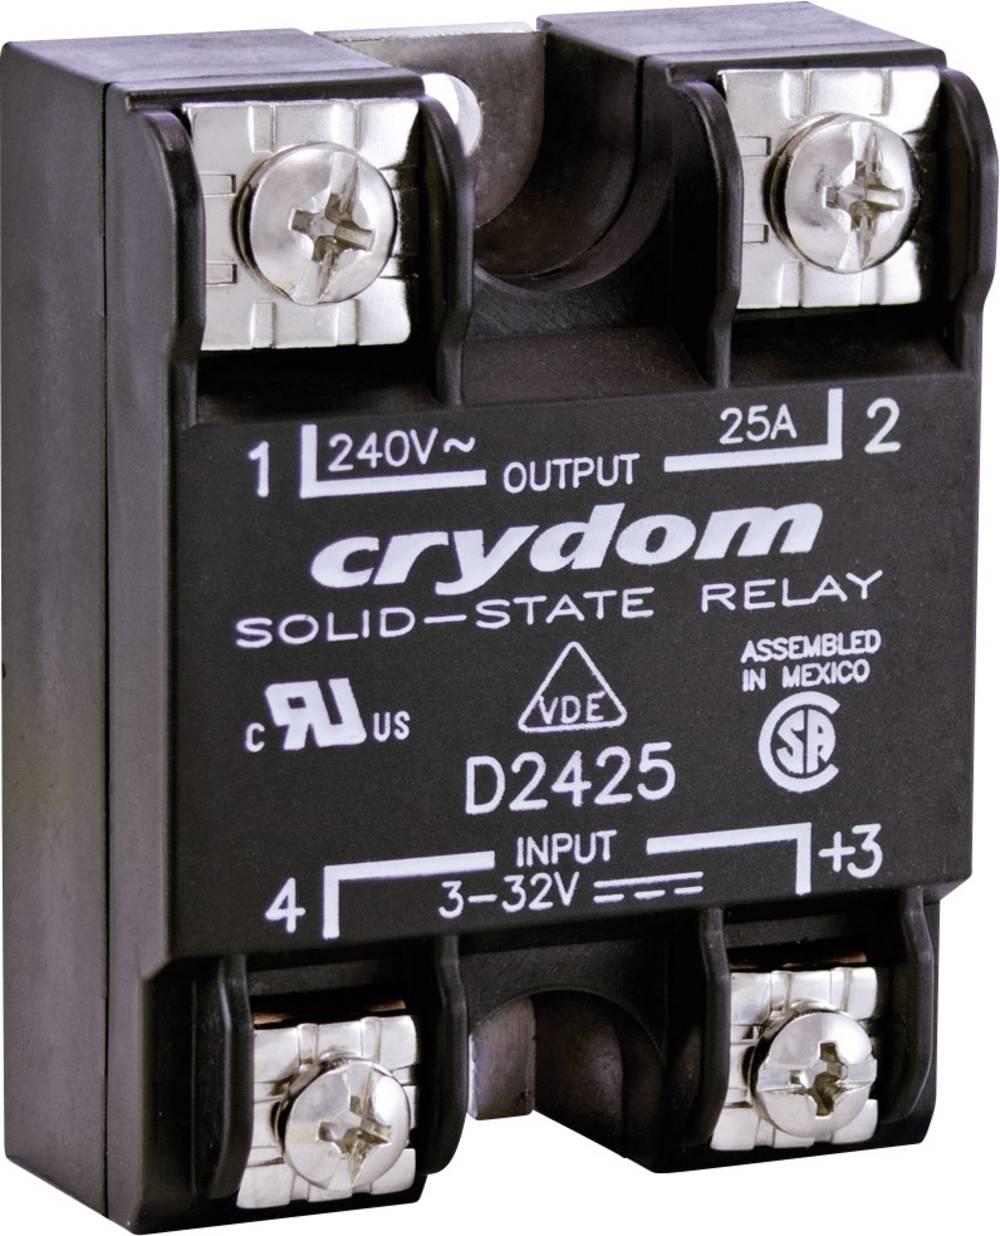 Elektronski teretni relej serije 1 Crydom HD4850